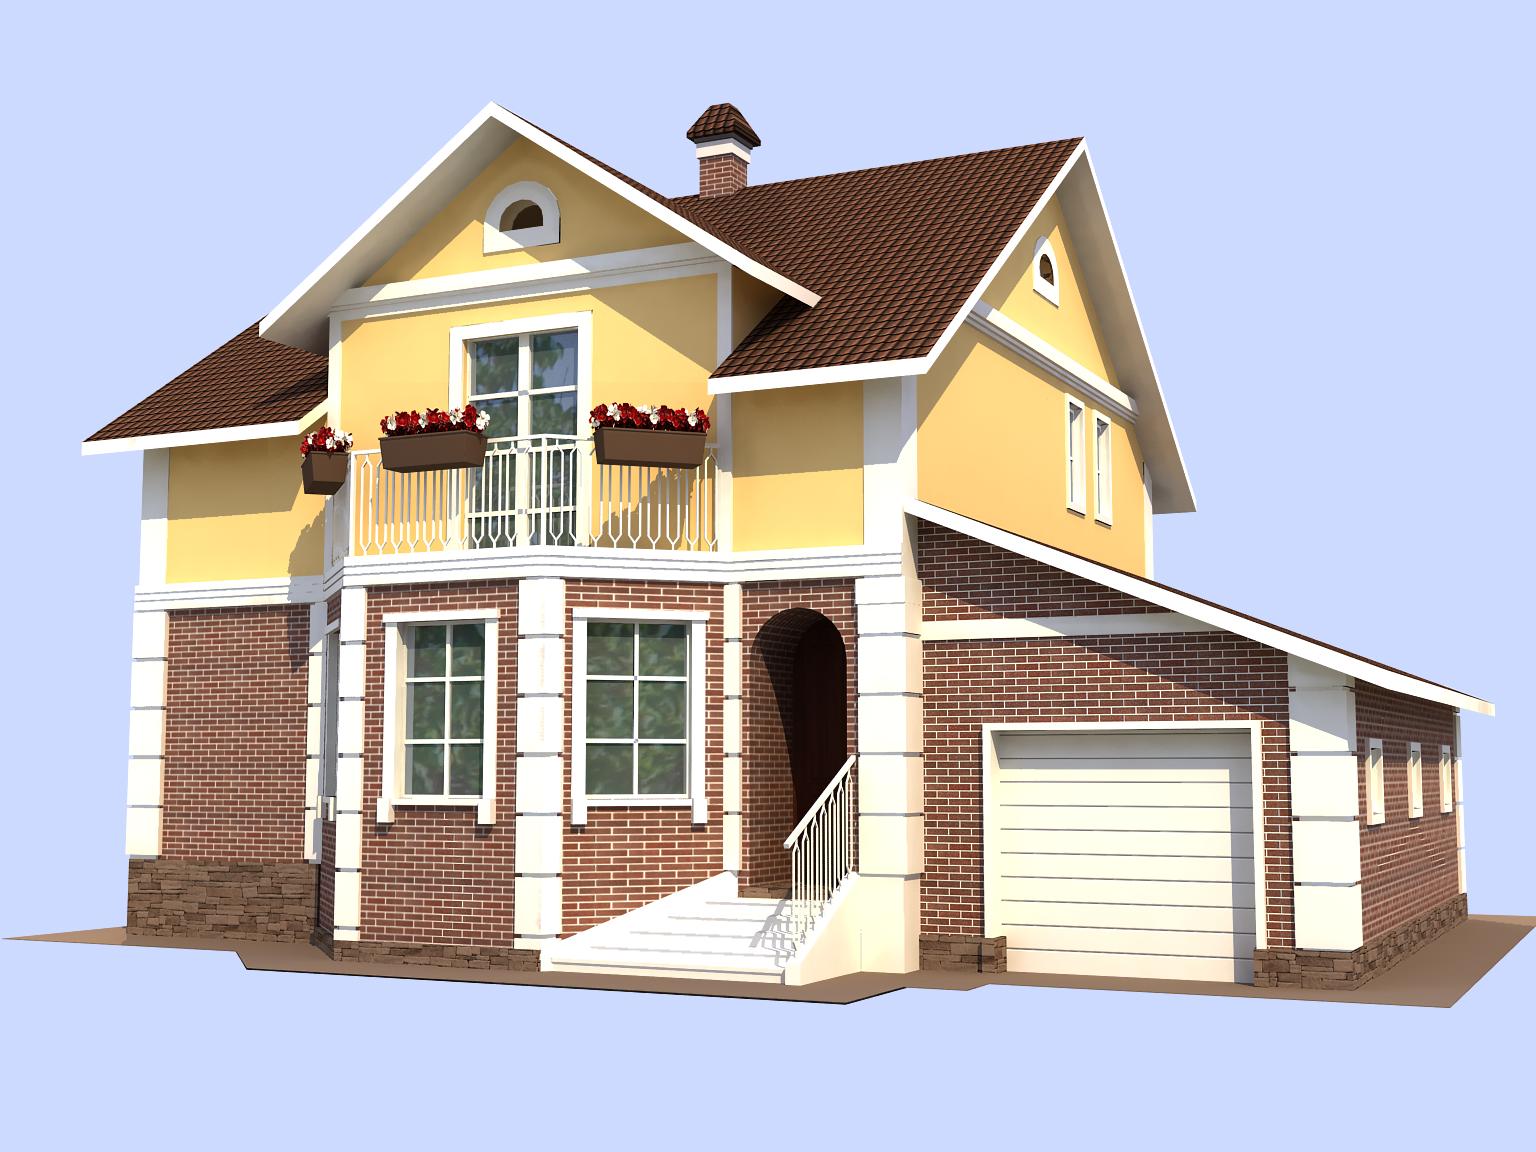 Картинки с домом на белом фоне